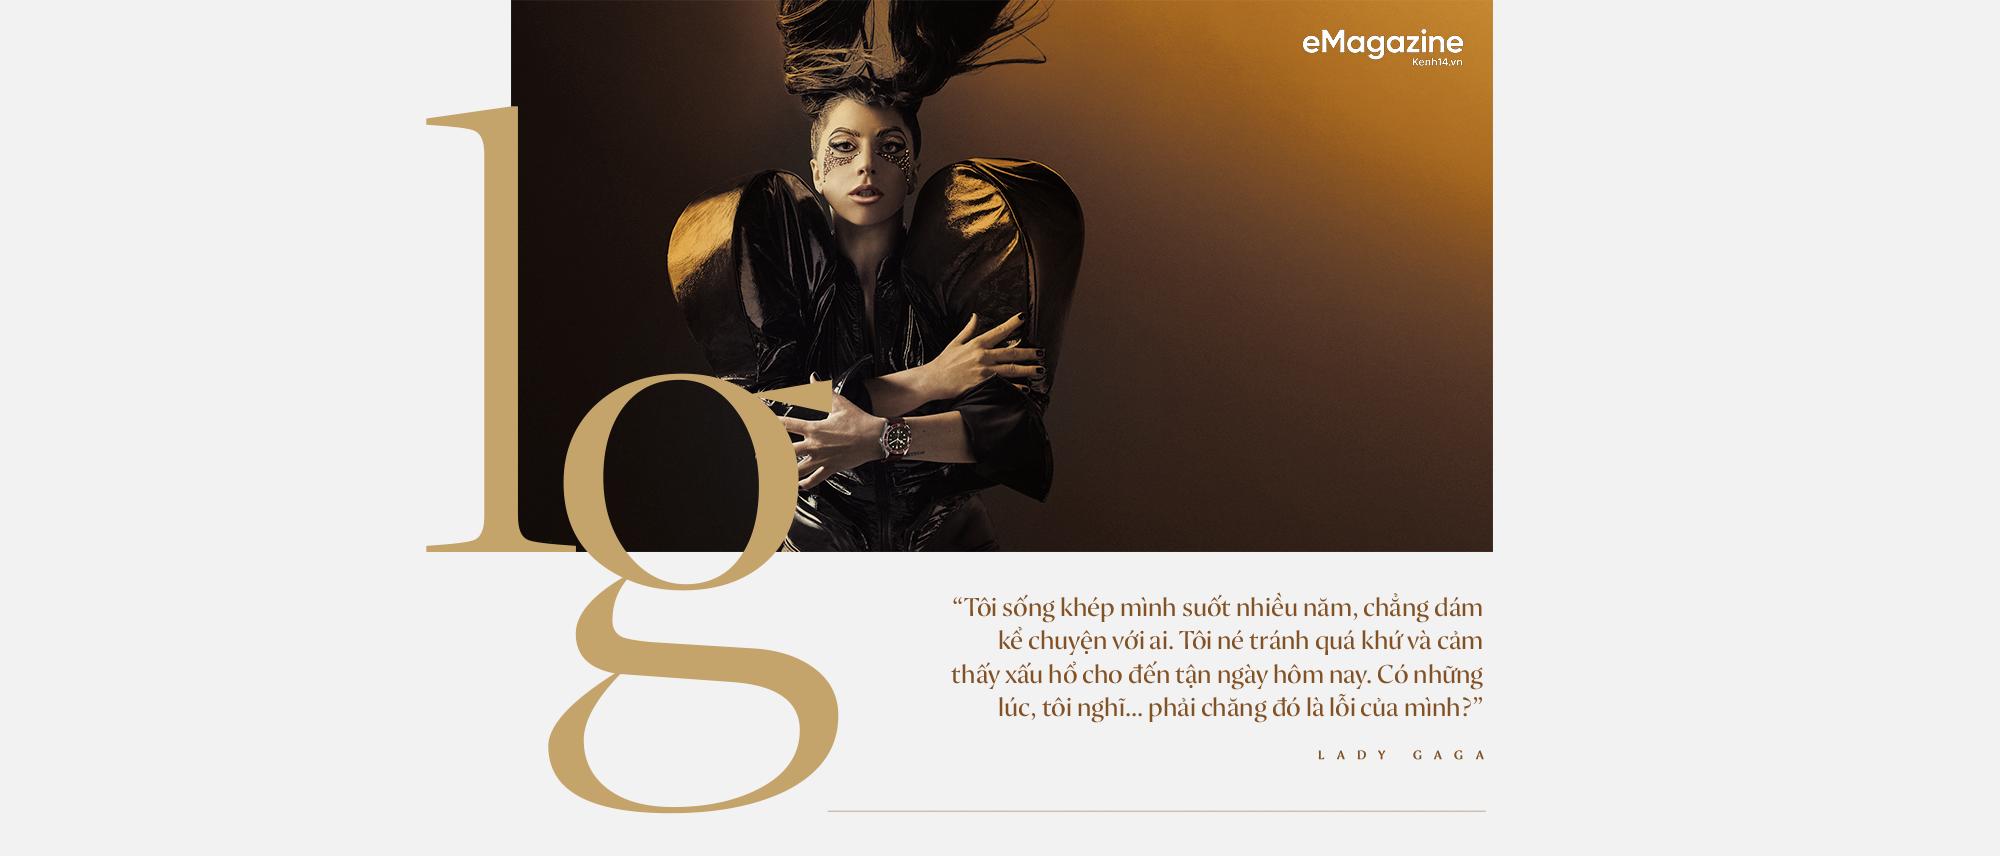 Chuyện chủ nhân 10 tượng vàng Grammy, Oscar Lady Gaga: Người đàn bà dị biệt đã khiến cả thế giới phải nể phục như thế nào? - Ảnh 3.